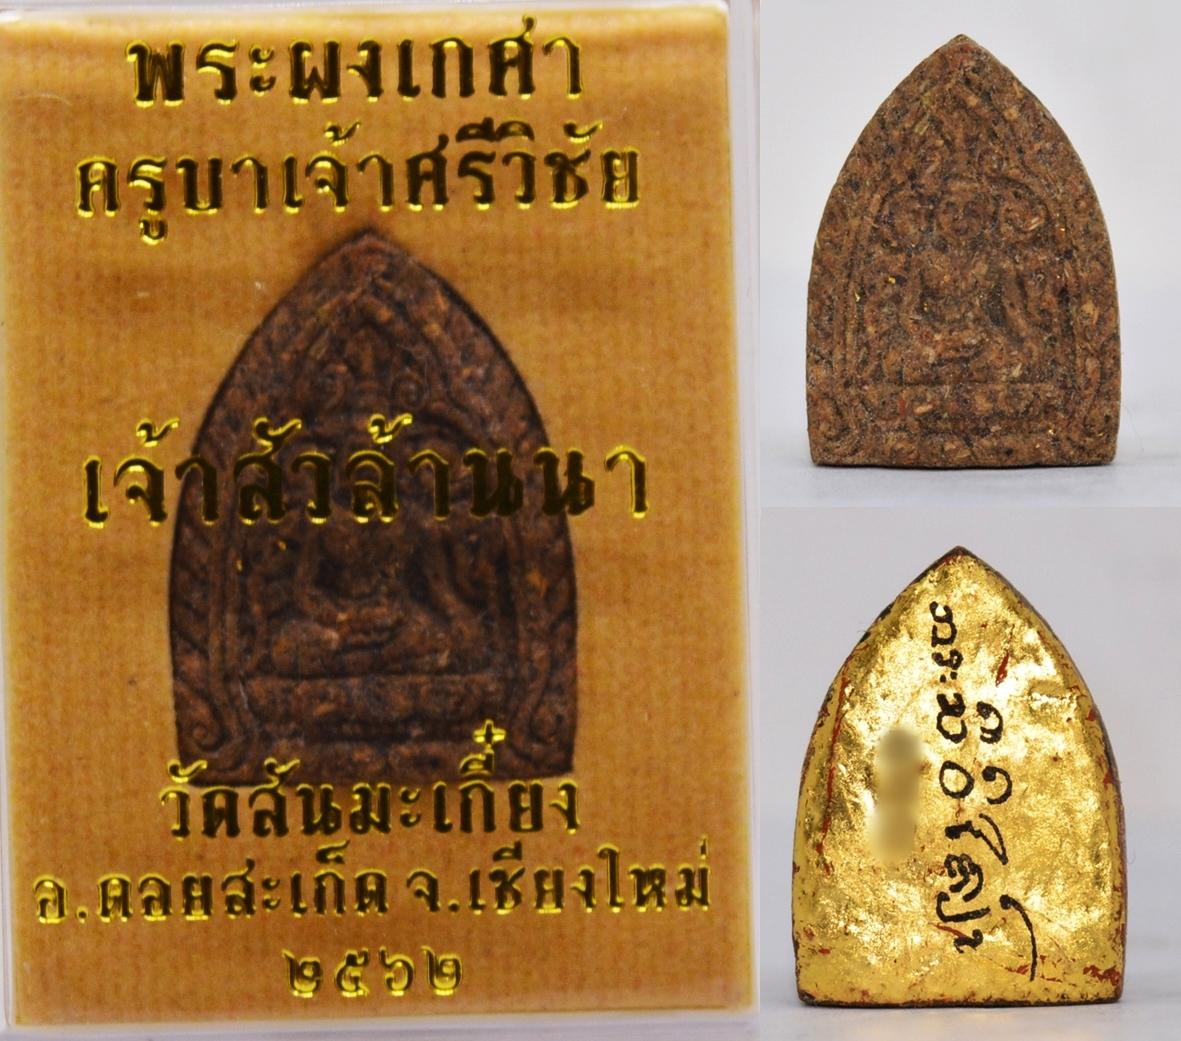 พระผงเกศา ครูบาเจ้าศรีวิชัย เนื้อผง วัดสันมะเกี๊ยง เชียงใหม่ 2562 ขนาด 2.5*1.8 ซม